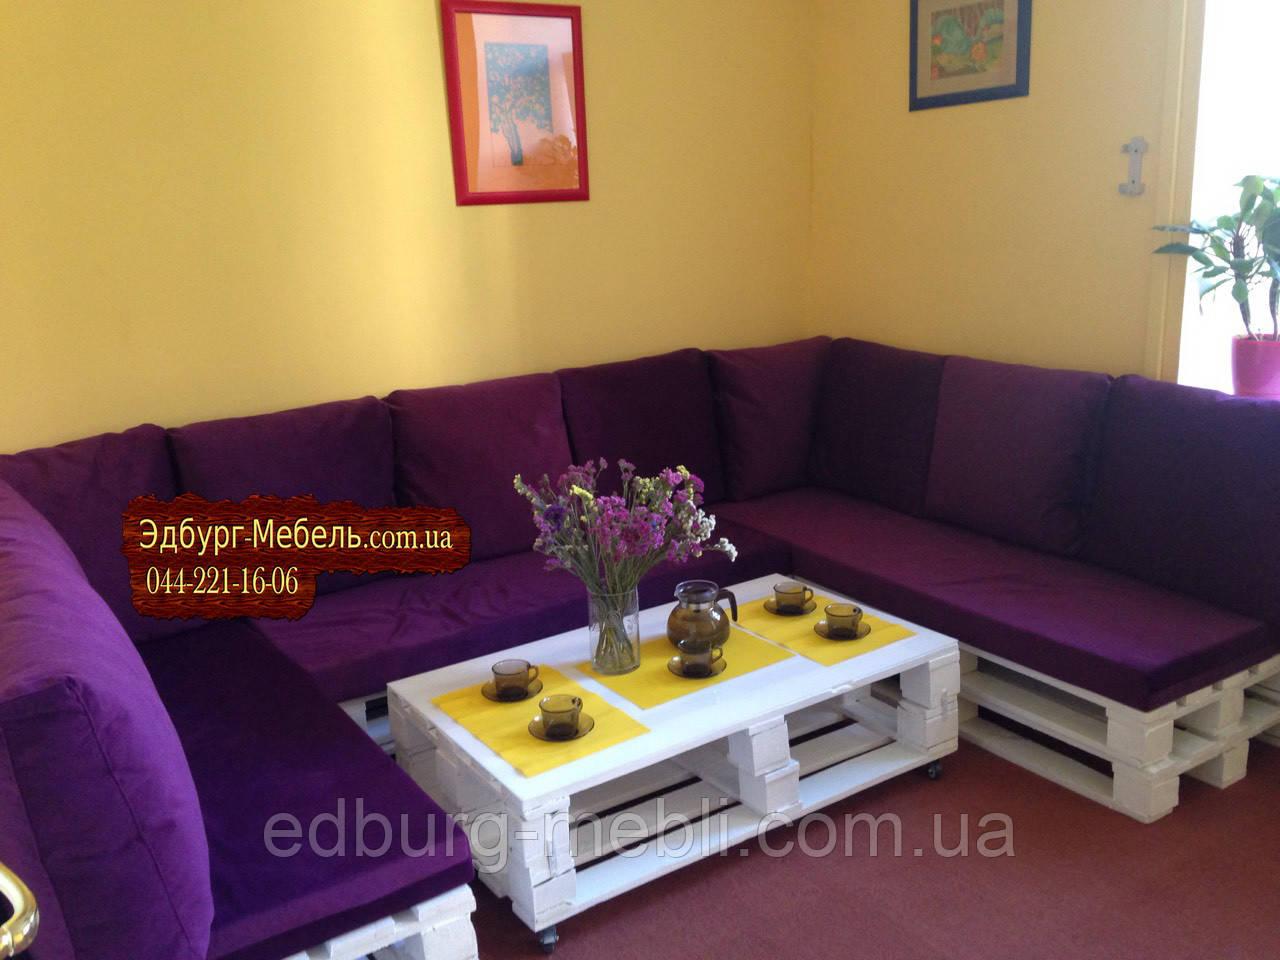 Подушки для кутового дивана з піддонів, палет, фанери